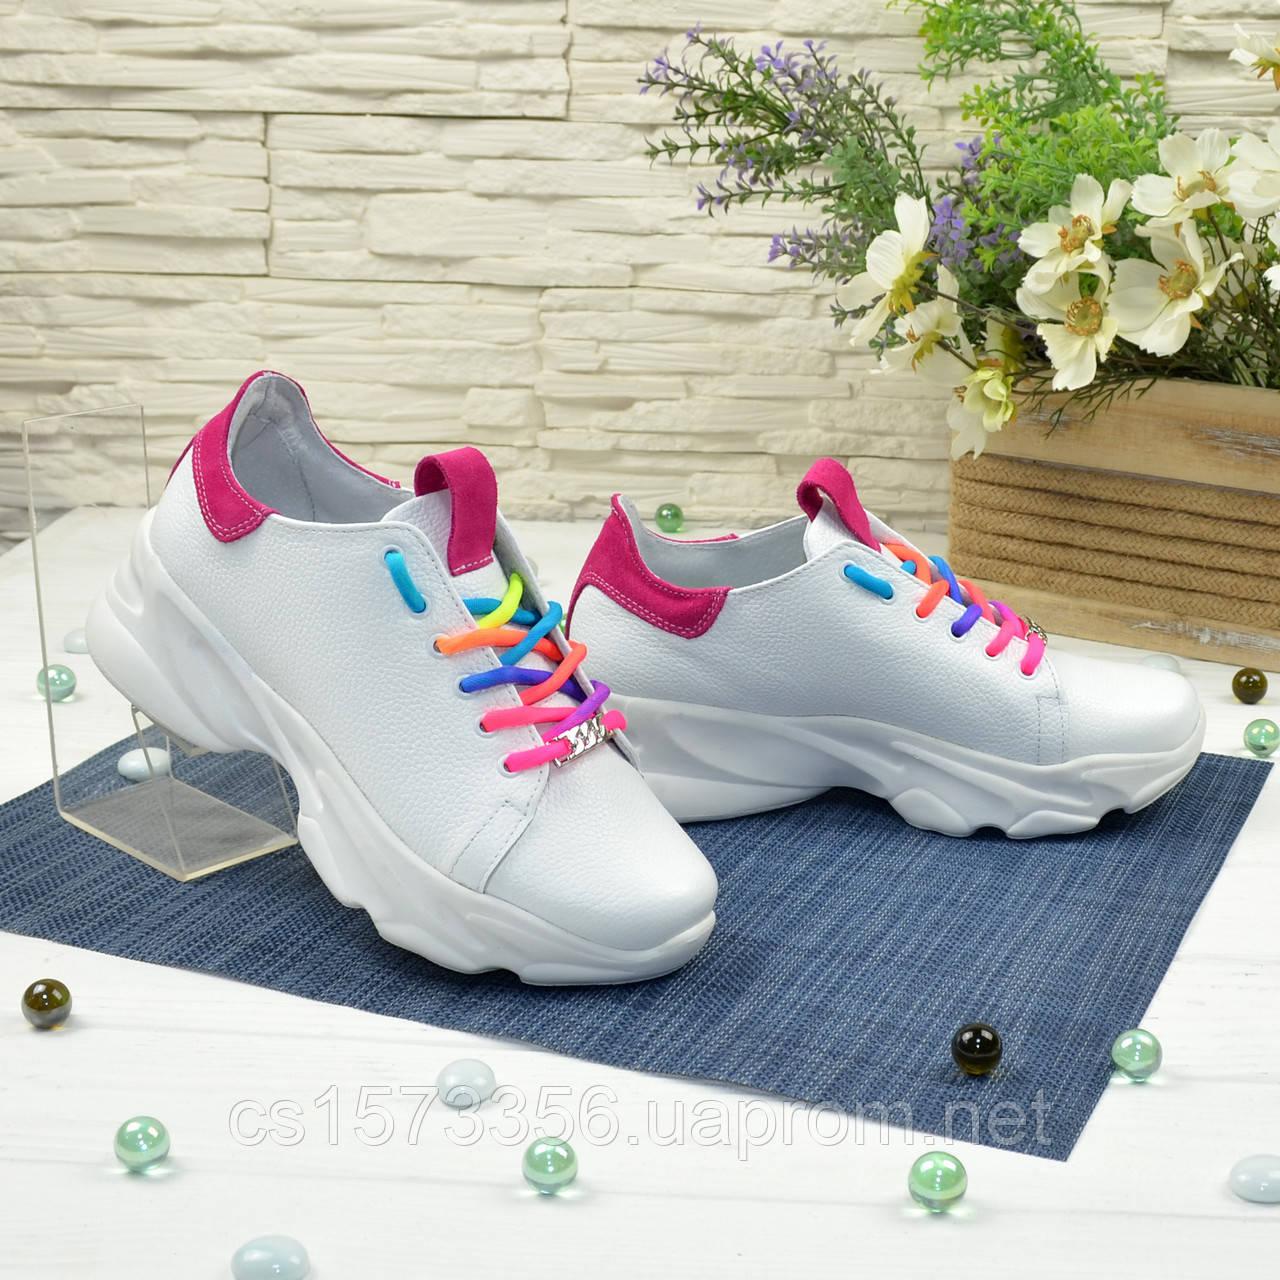 Кроссовки женские кожаные на спортивной подошве, цвет белый/фуксия